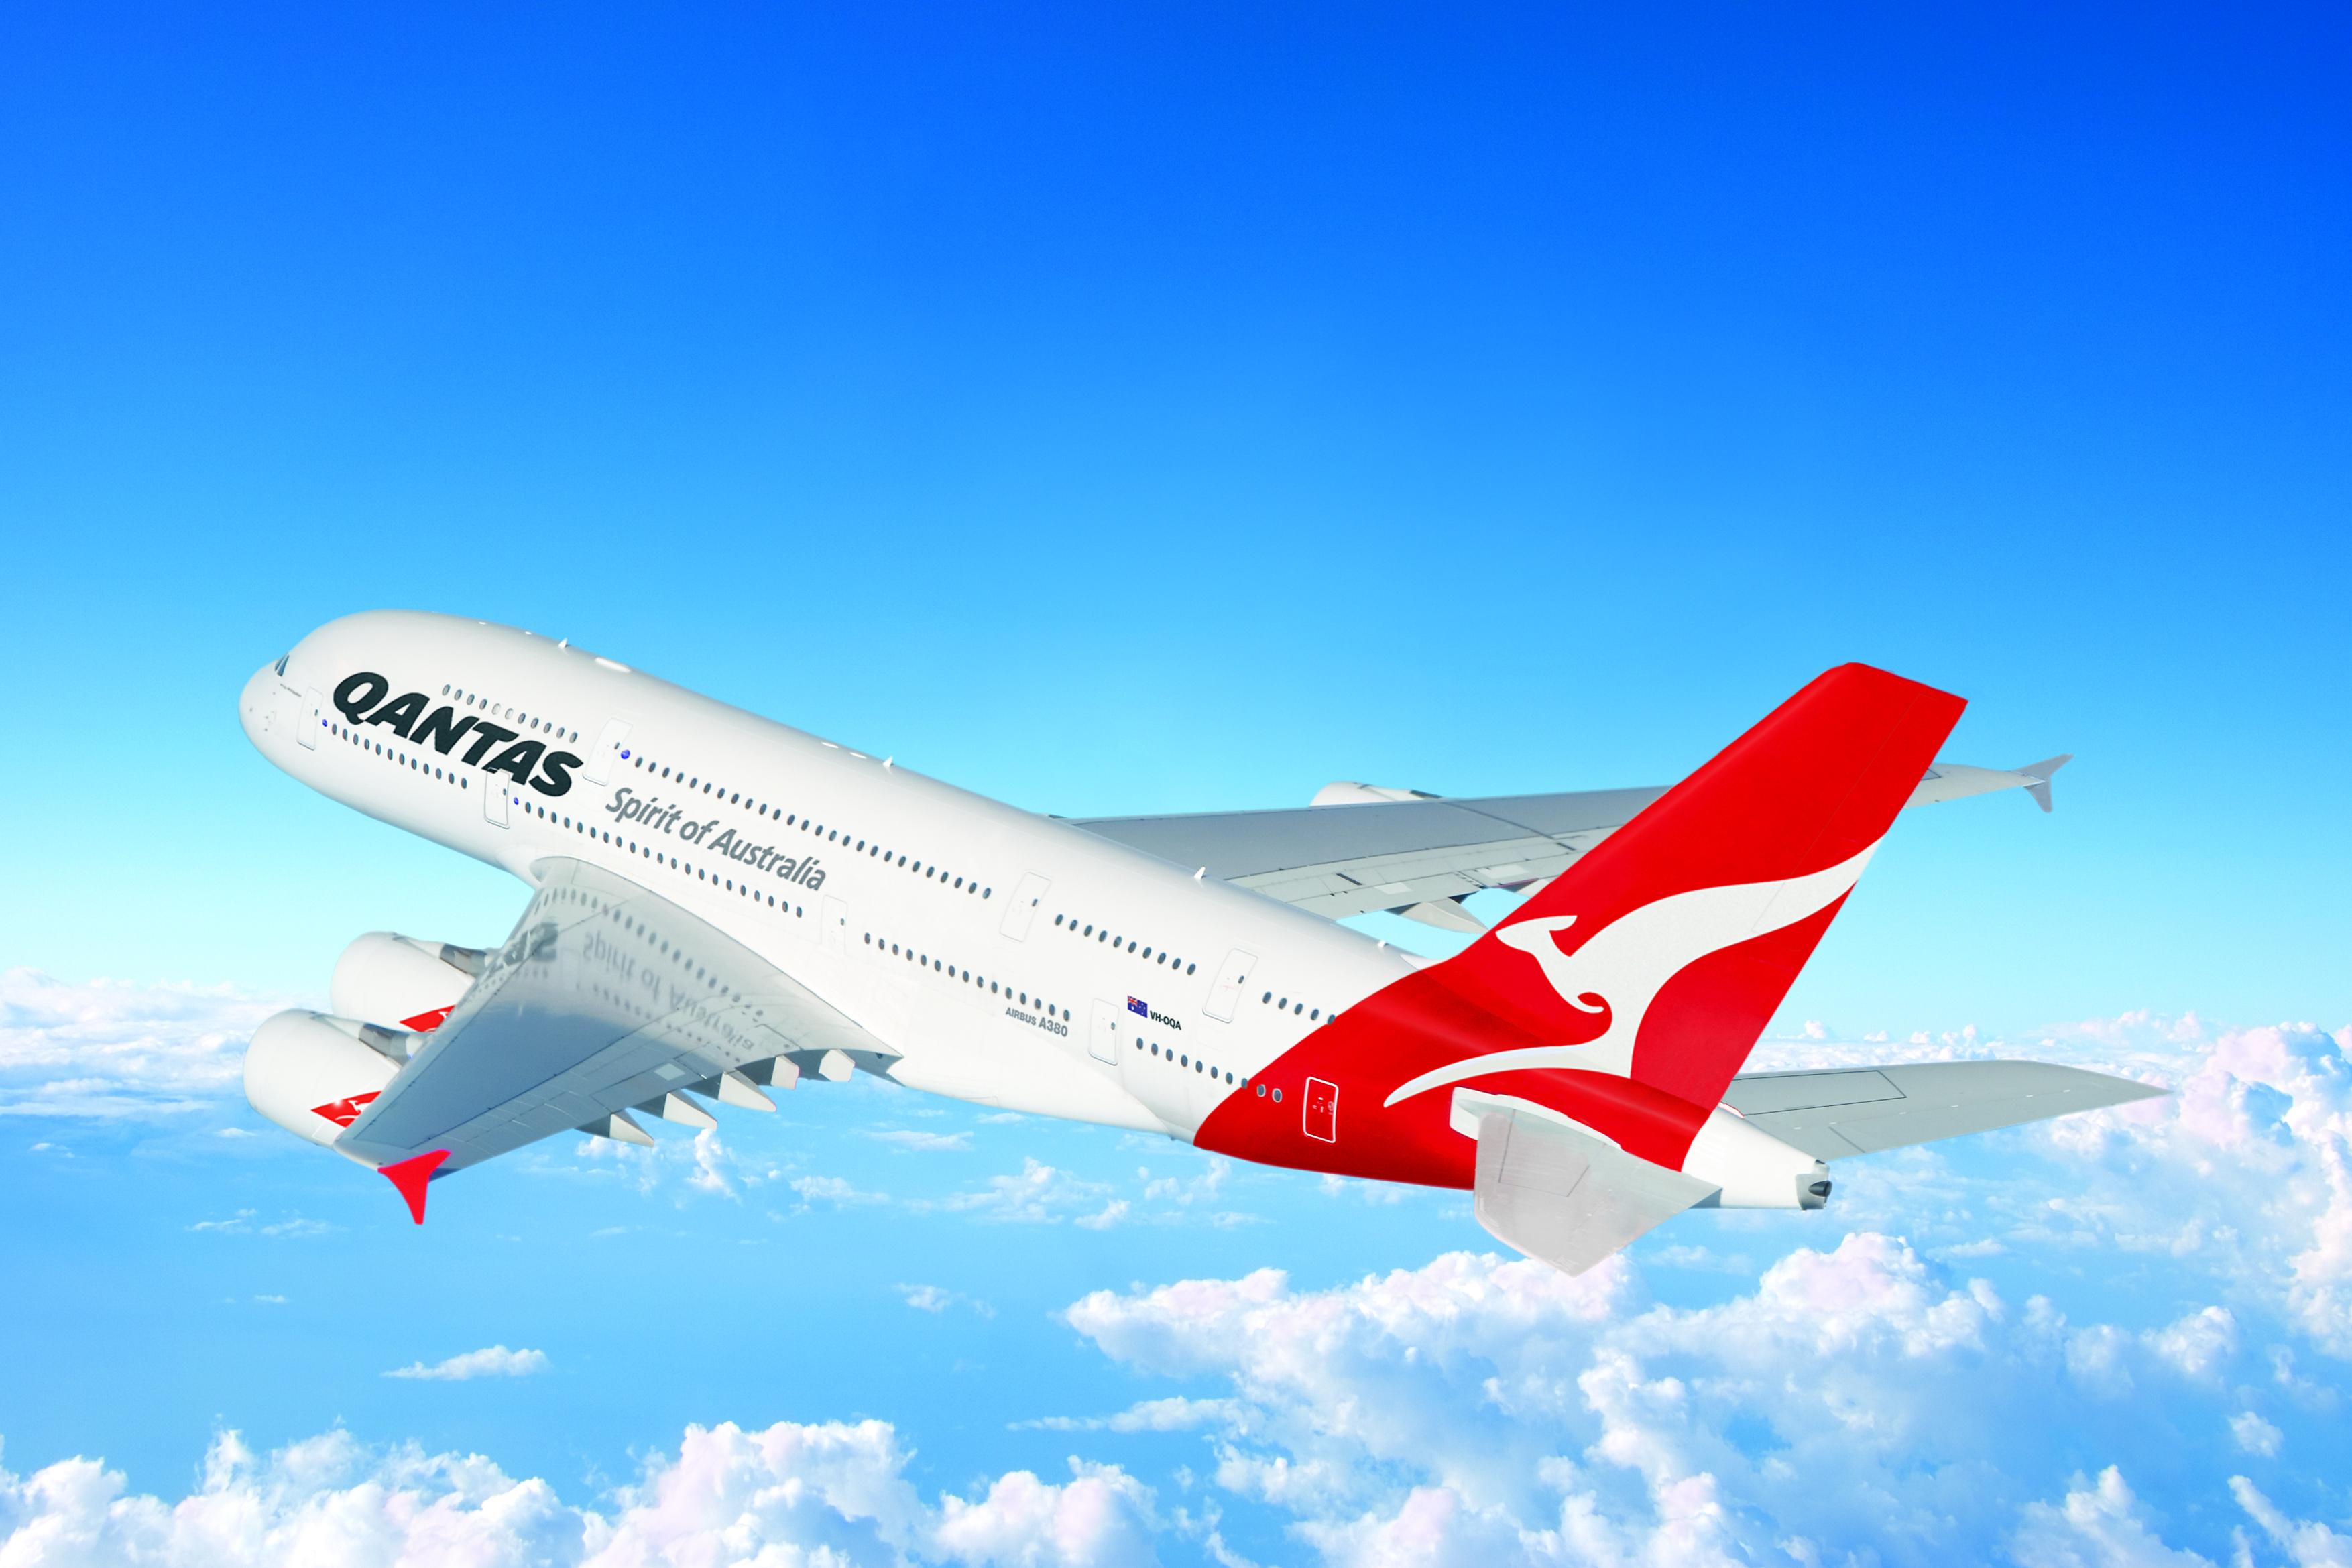 qantas flights - photo #17